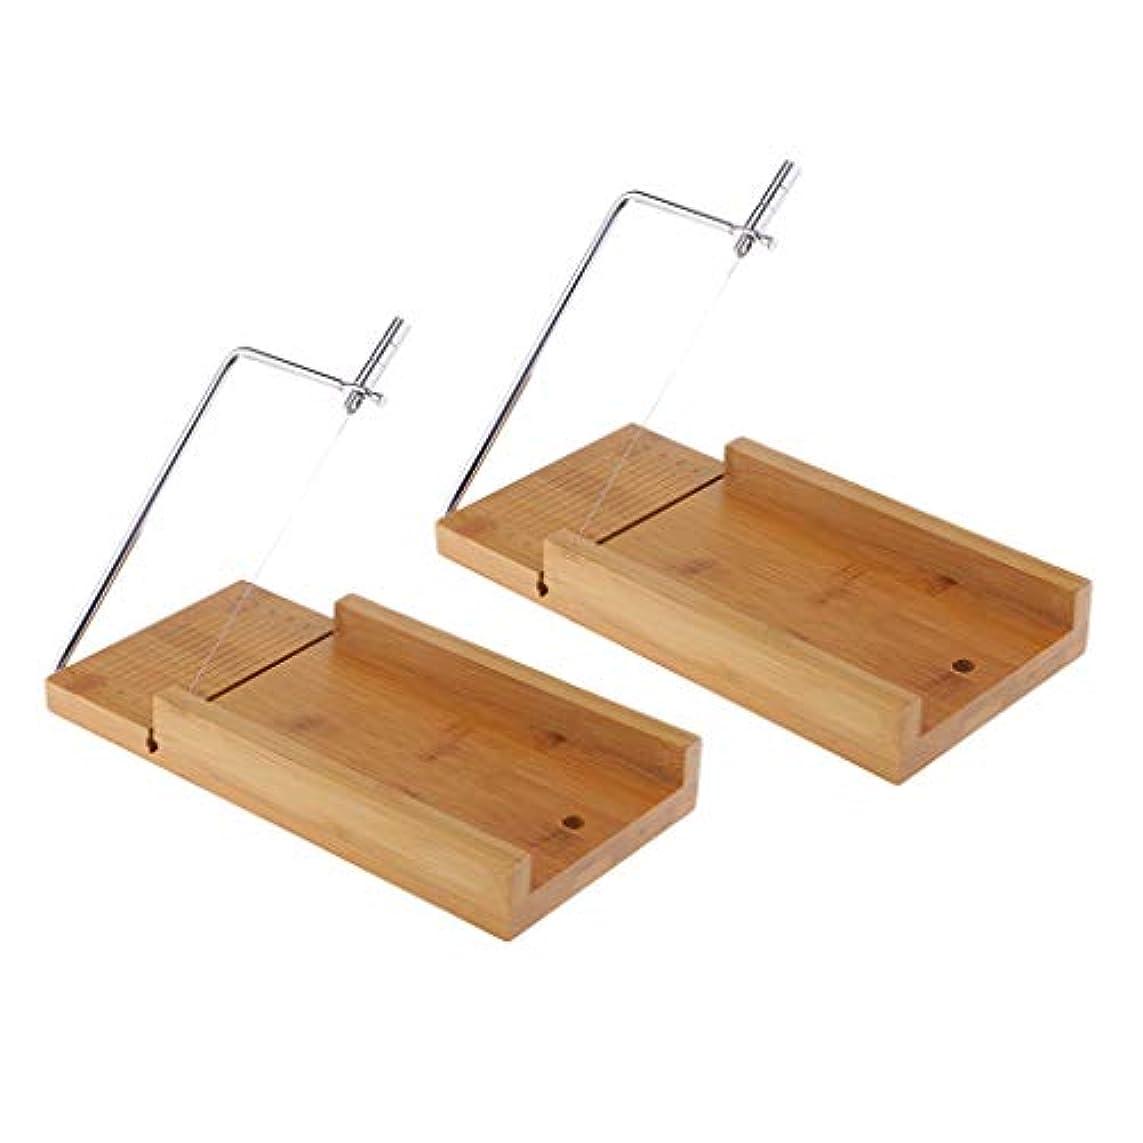 いろいろマリン精神ソープカッター チーズナイフ ワイヤー せっけんカッター 台 木質 石鹸切削工具 2個入り